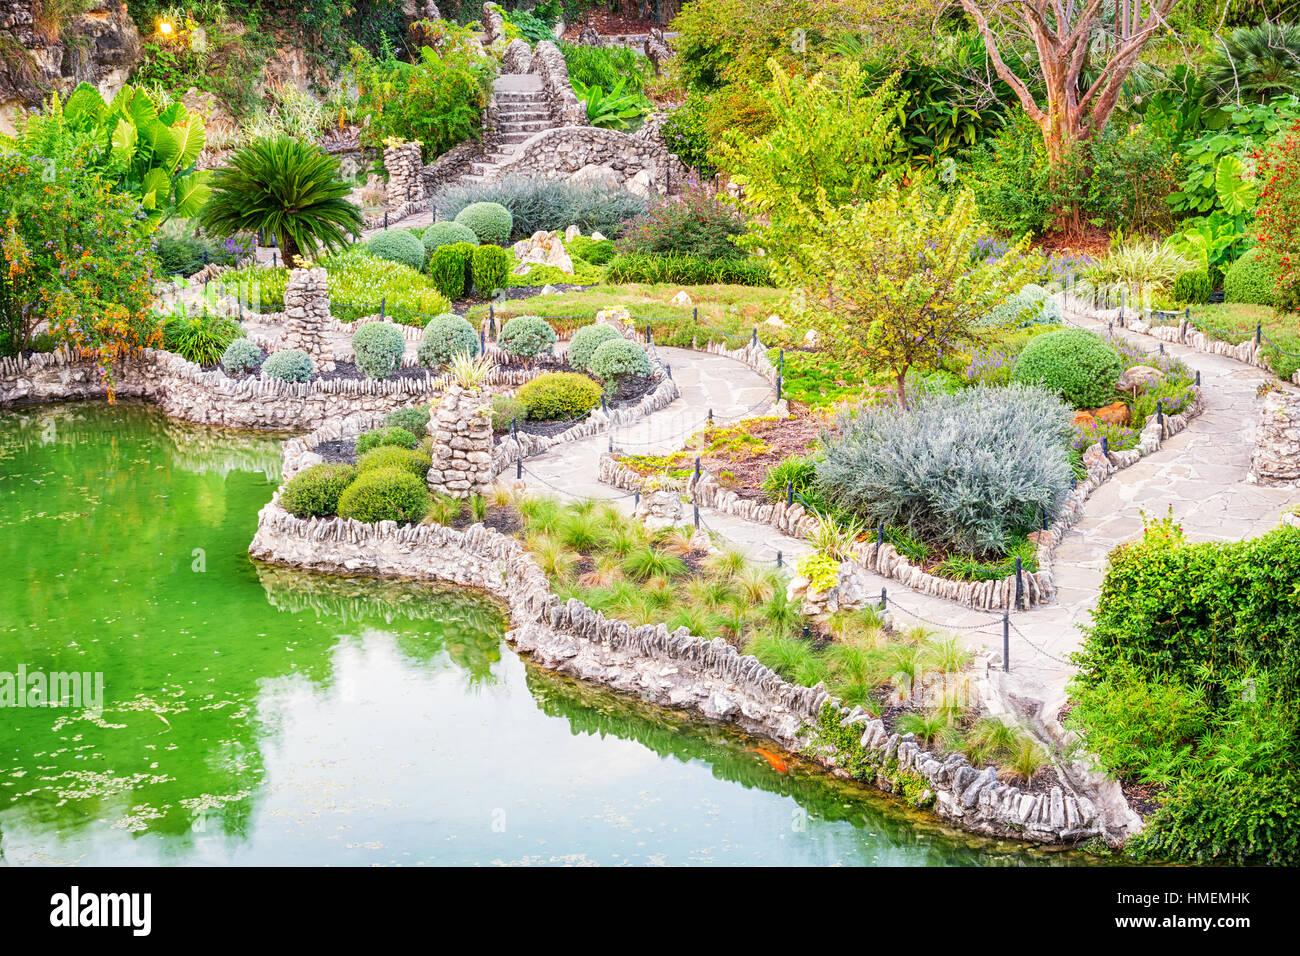 Good The Japanese Tea Garden, A Public Park In San Antonio, Texas, USA